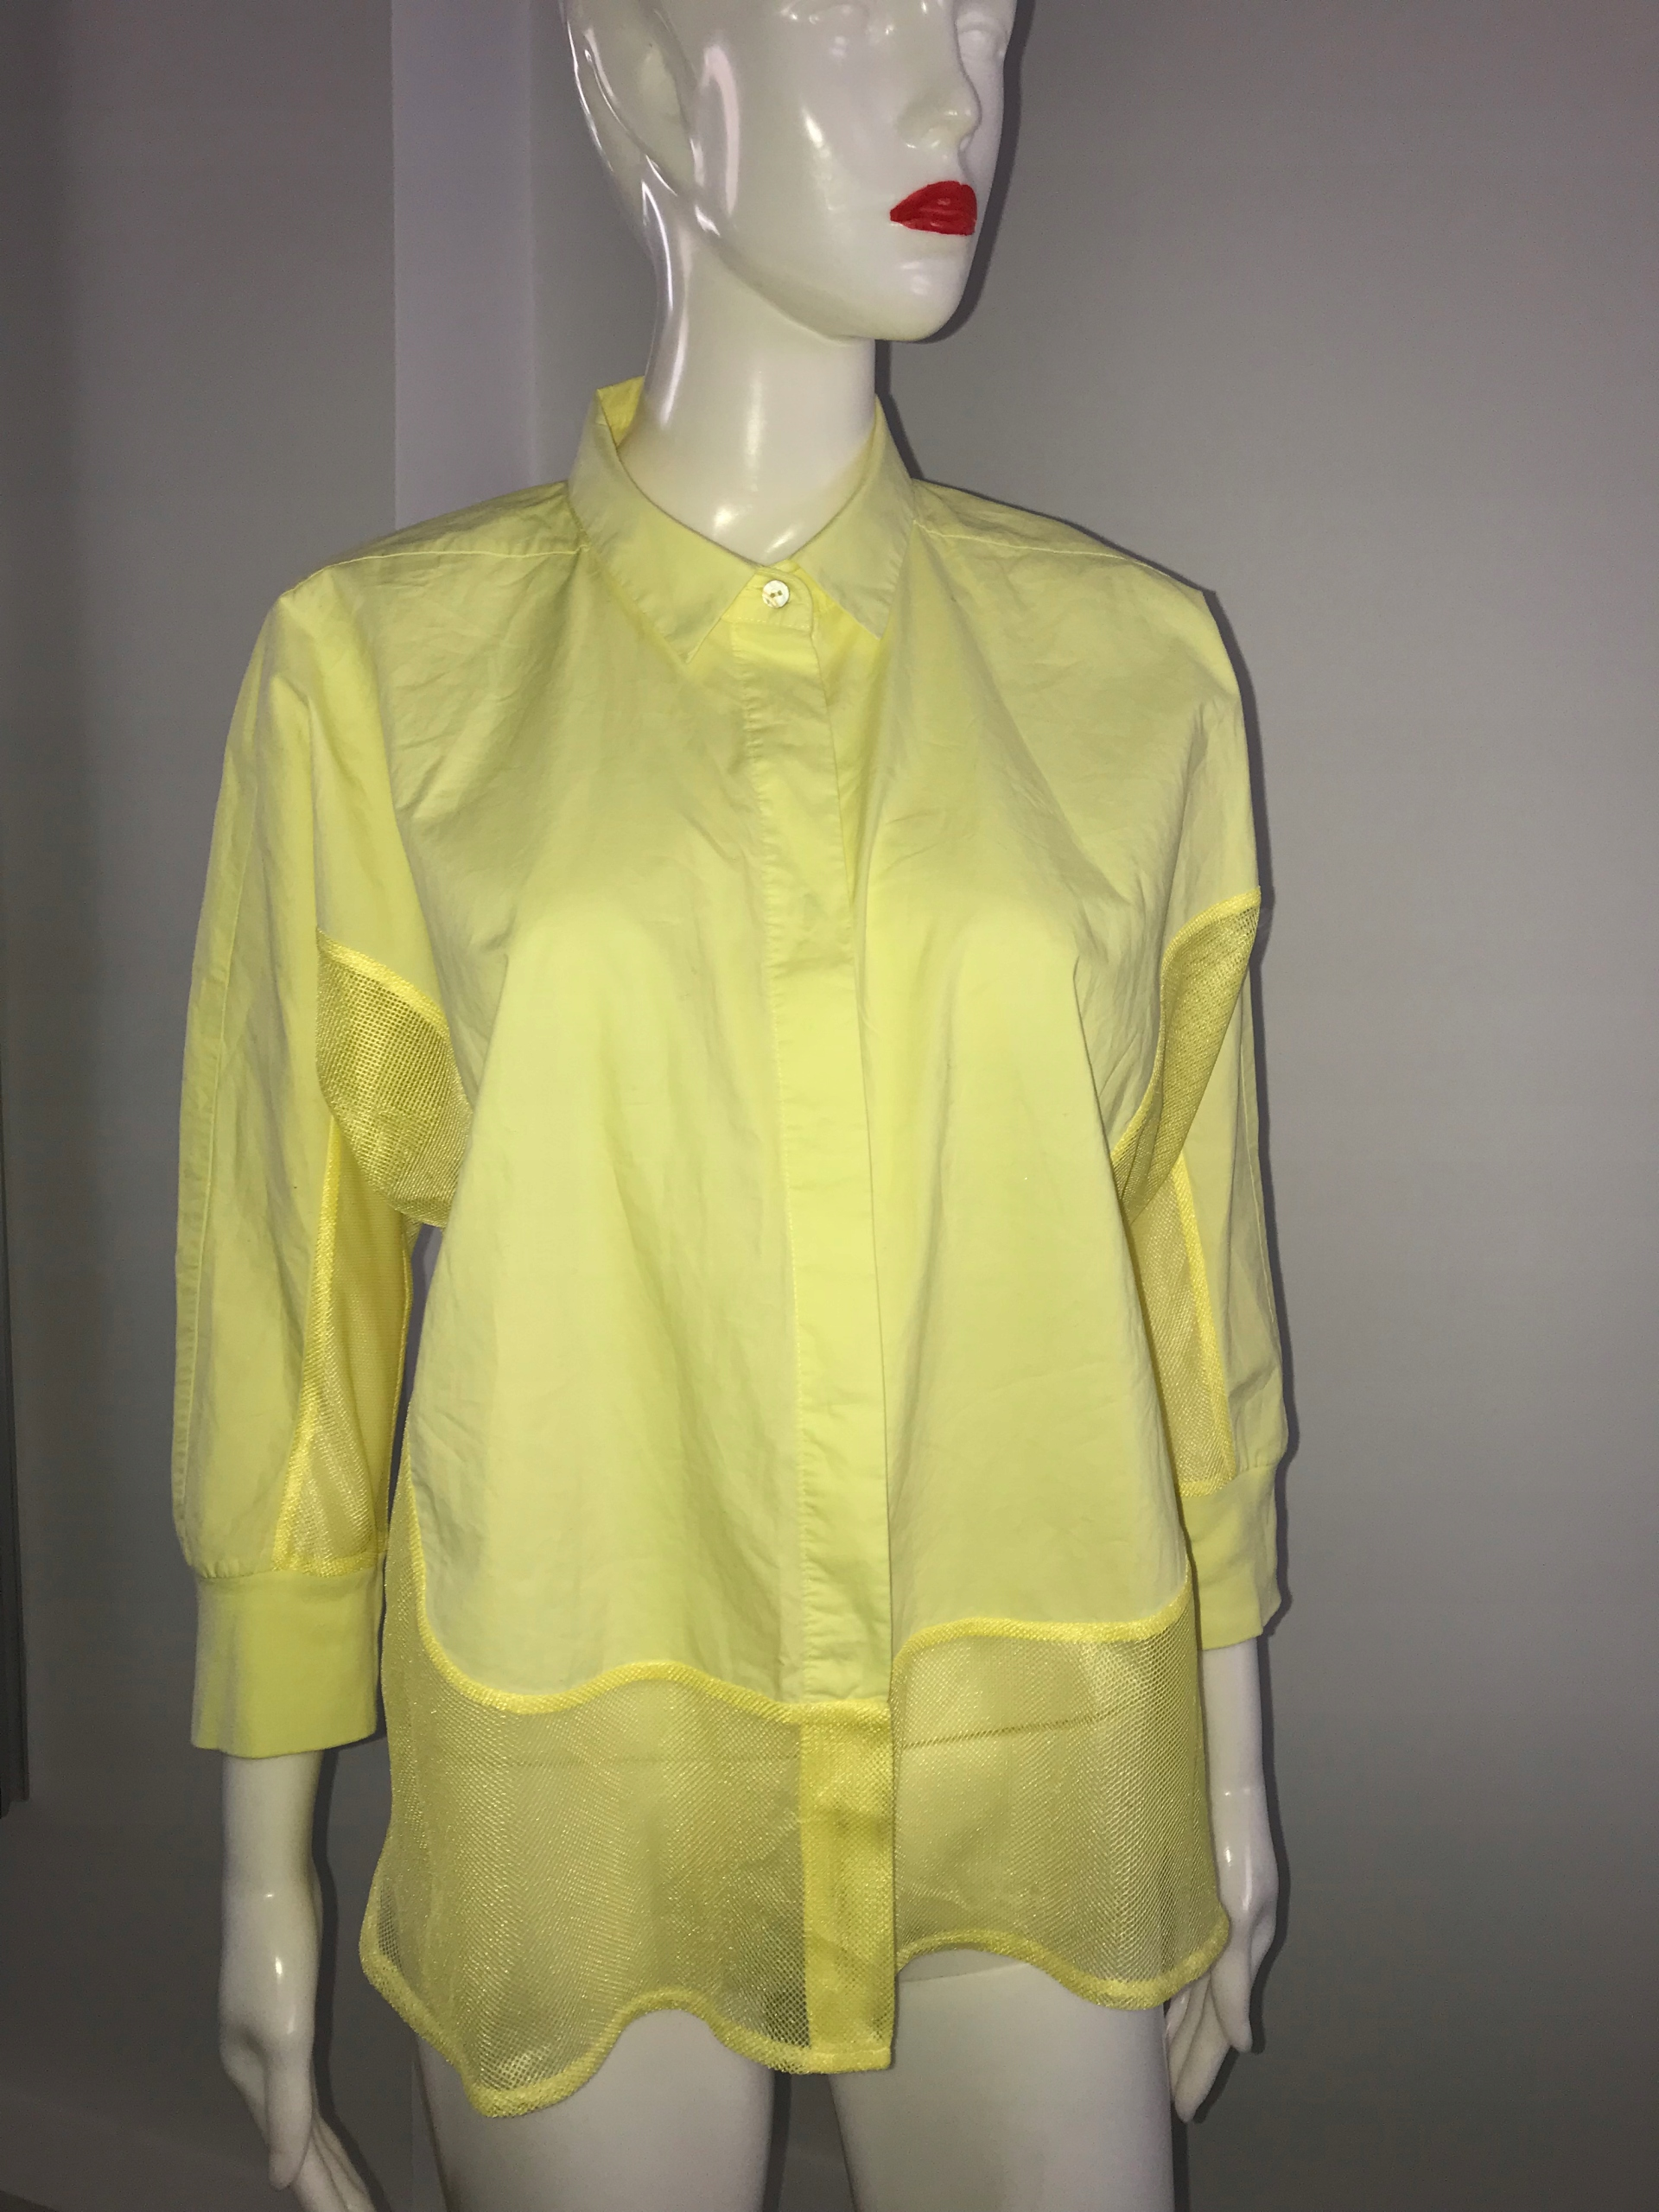 Ania Schierholt 36 S koszula żółta j.nowa ideał